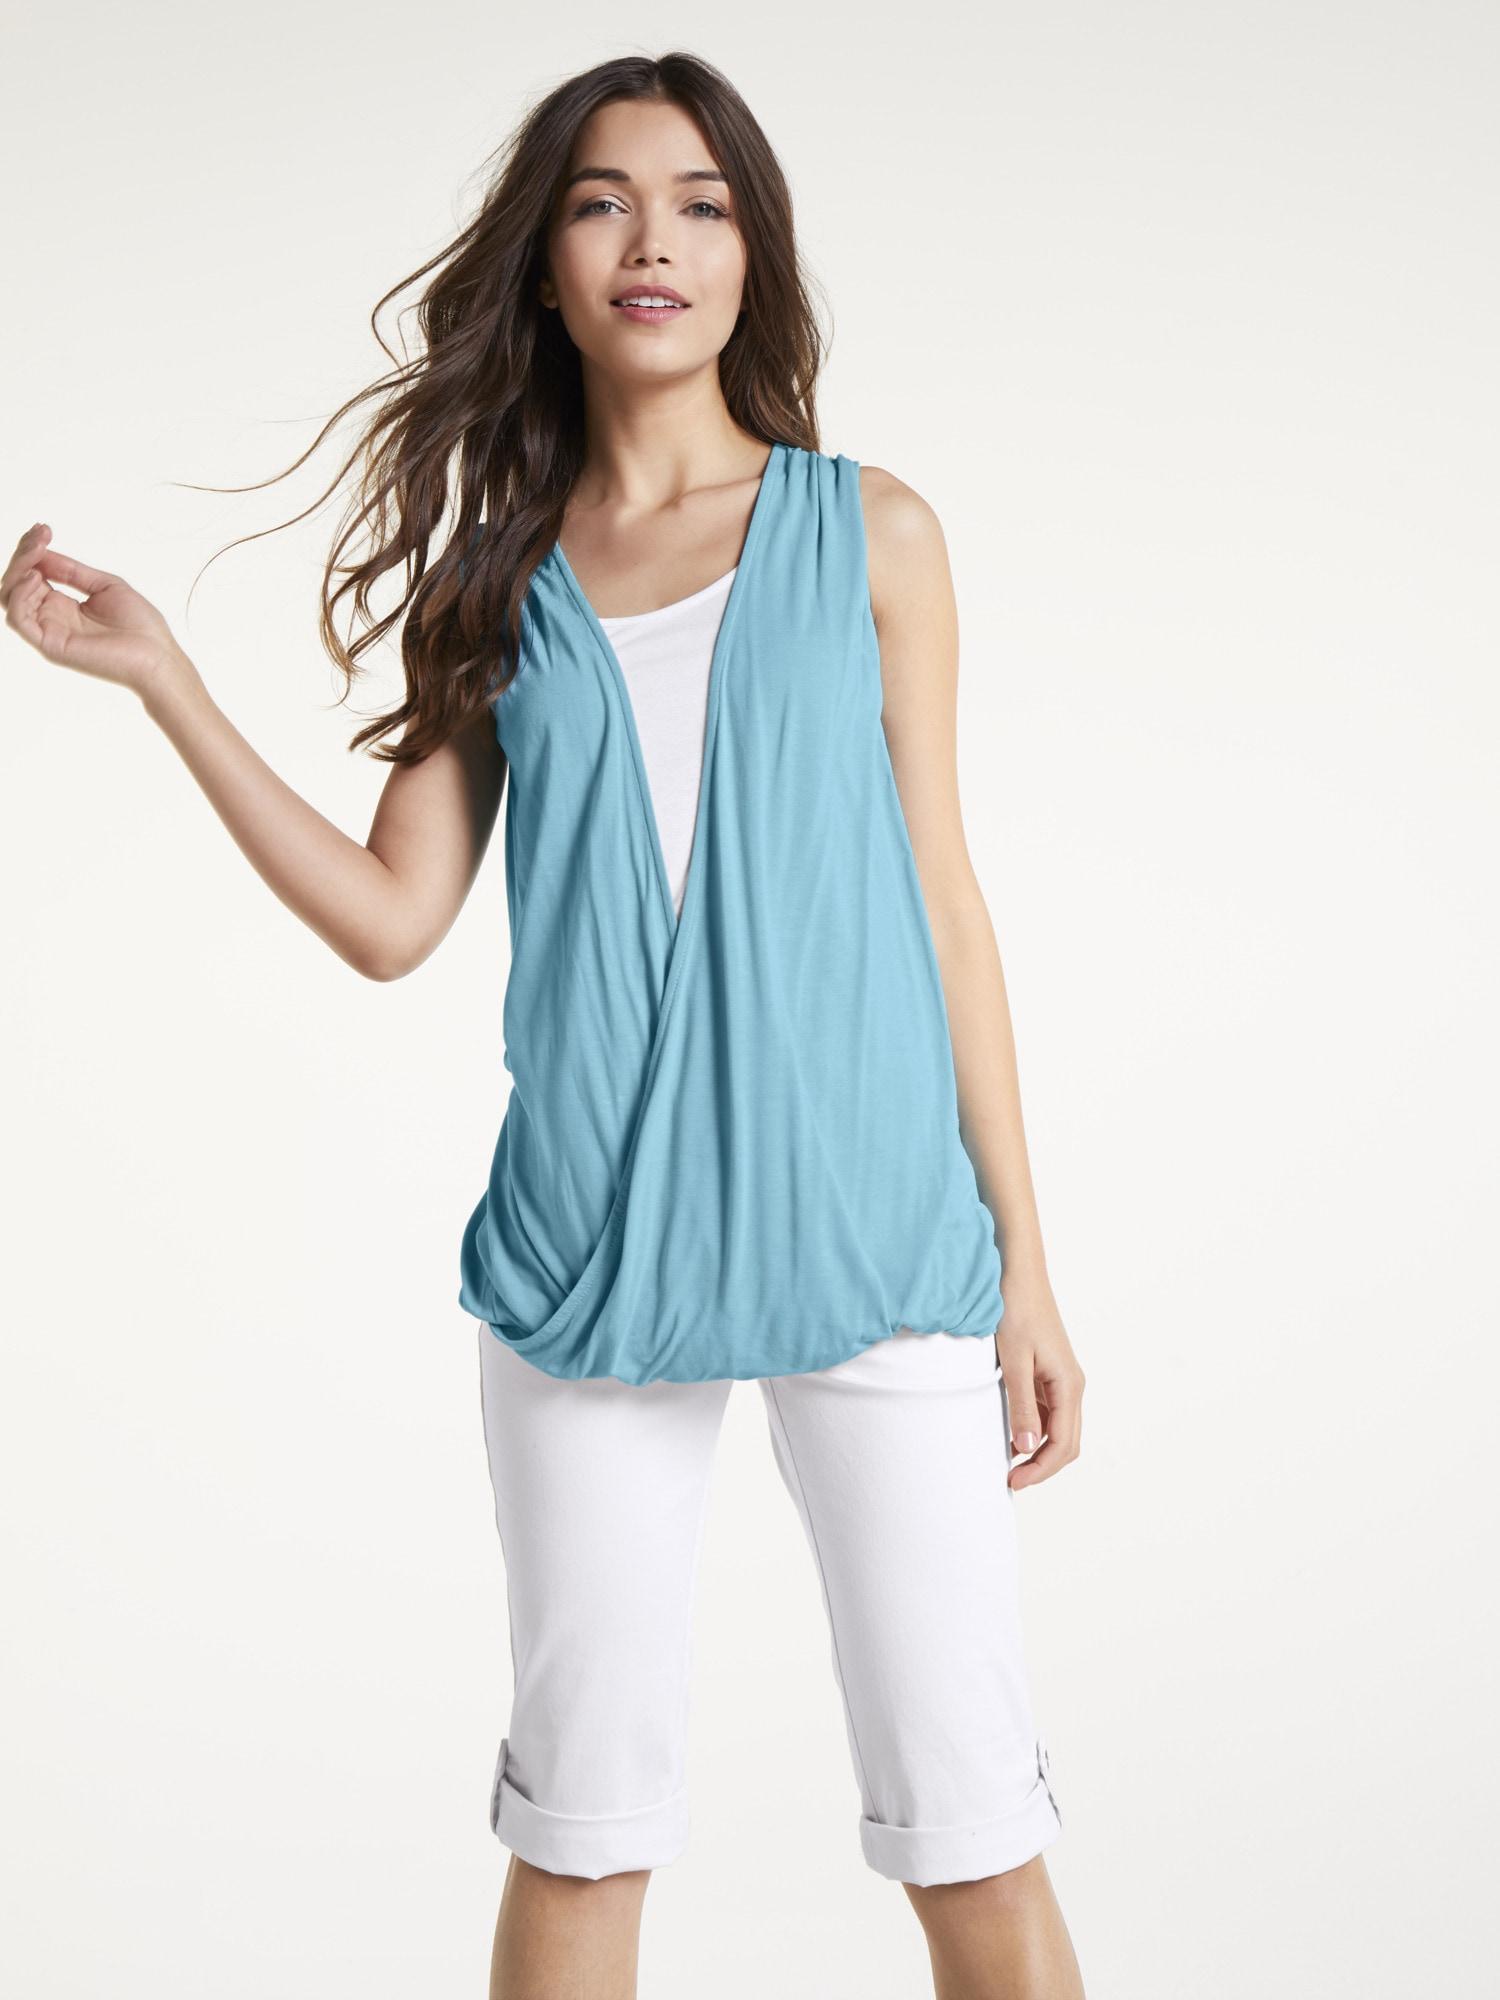 heine CASUAL Shirttop Two-in-One Optik | Bekleidung > Tops > 2-in-1-Tops | Blau | Viskose | Heine Casual